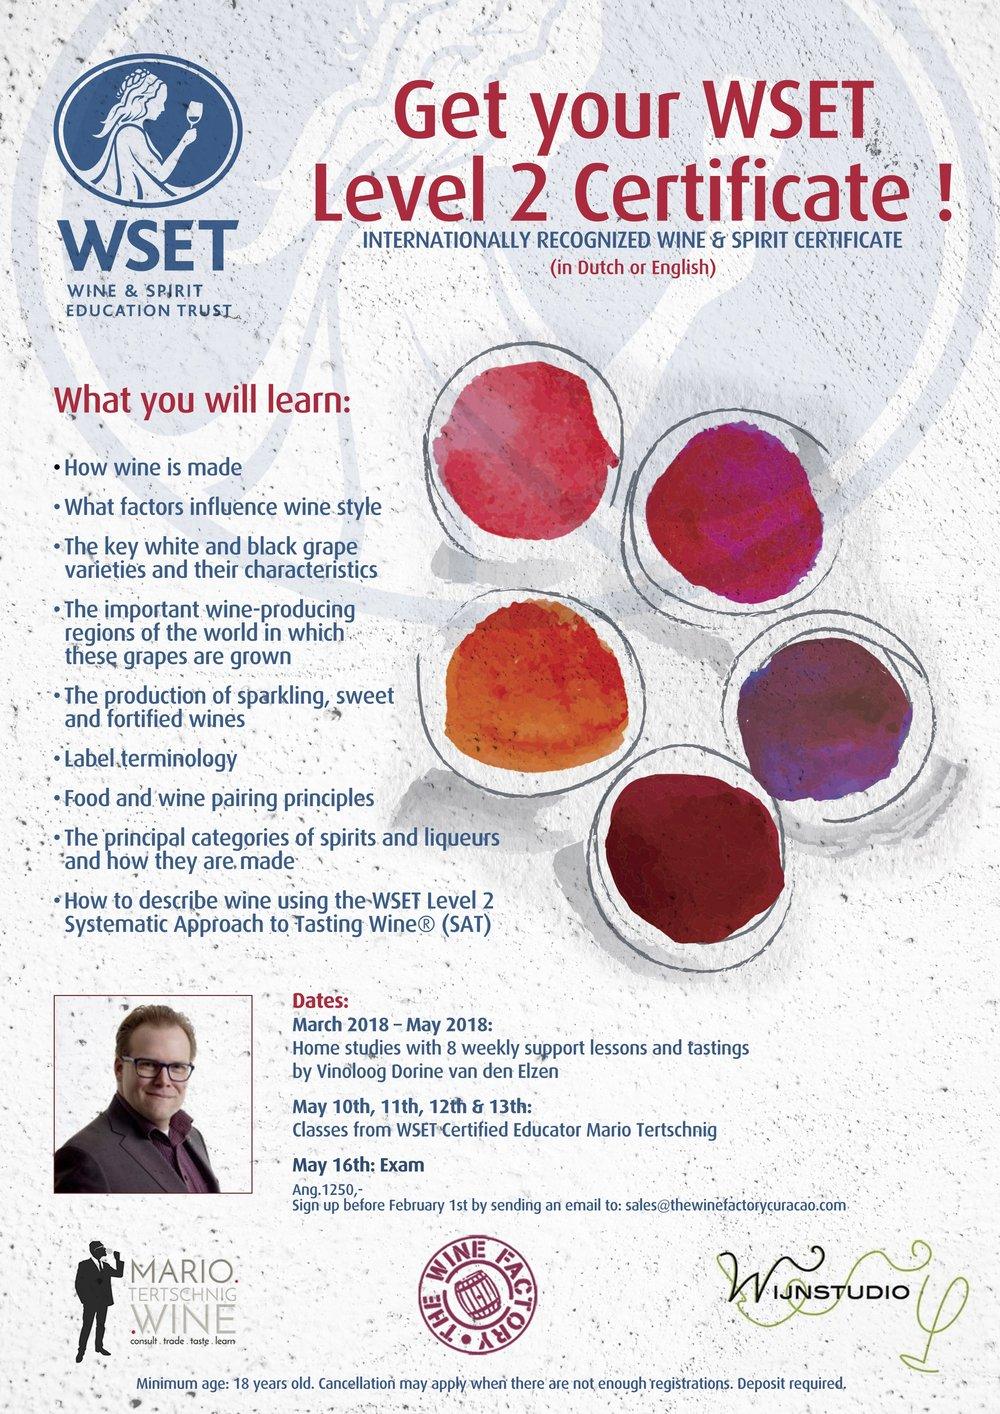 WSET flyer.jpg